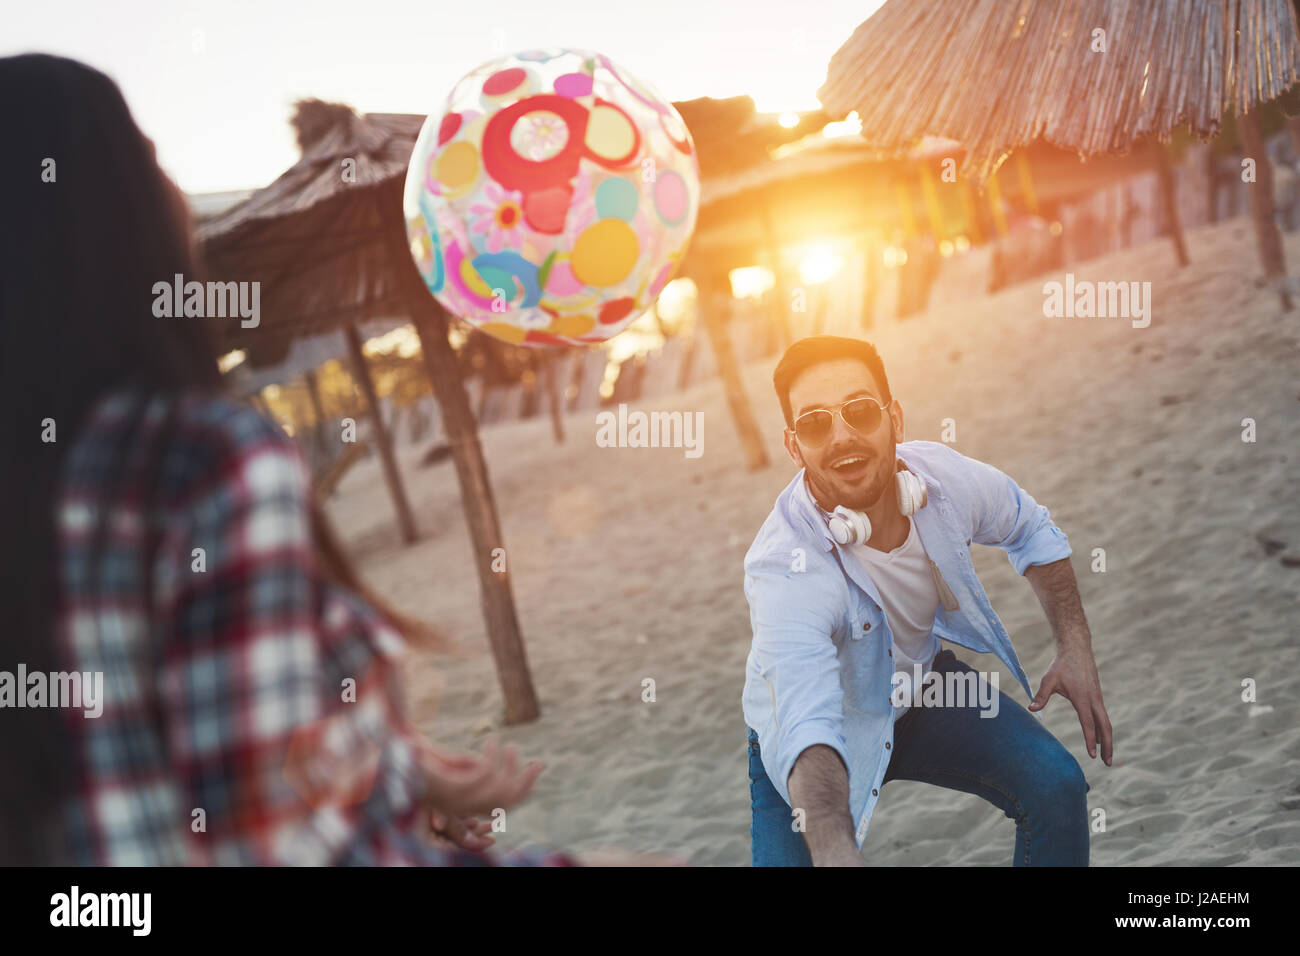 Grupo de jóvenes felices divirtiéndose en la playa durante las vacaciones de verano Imagen De Stock